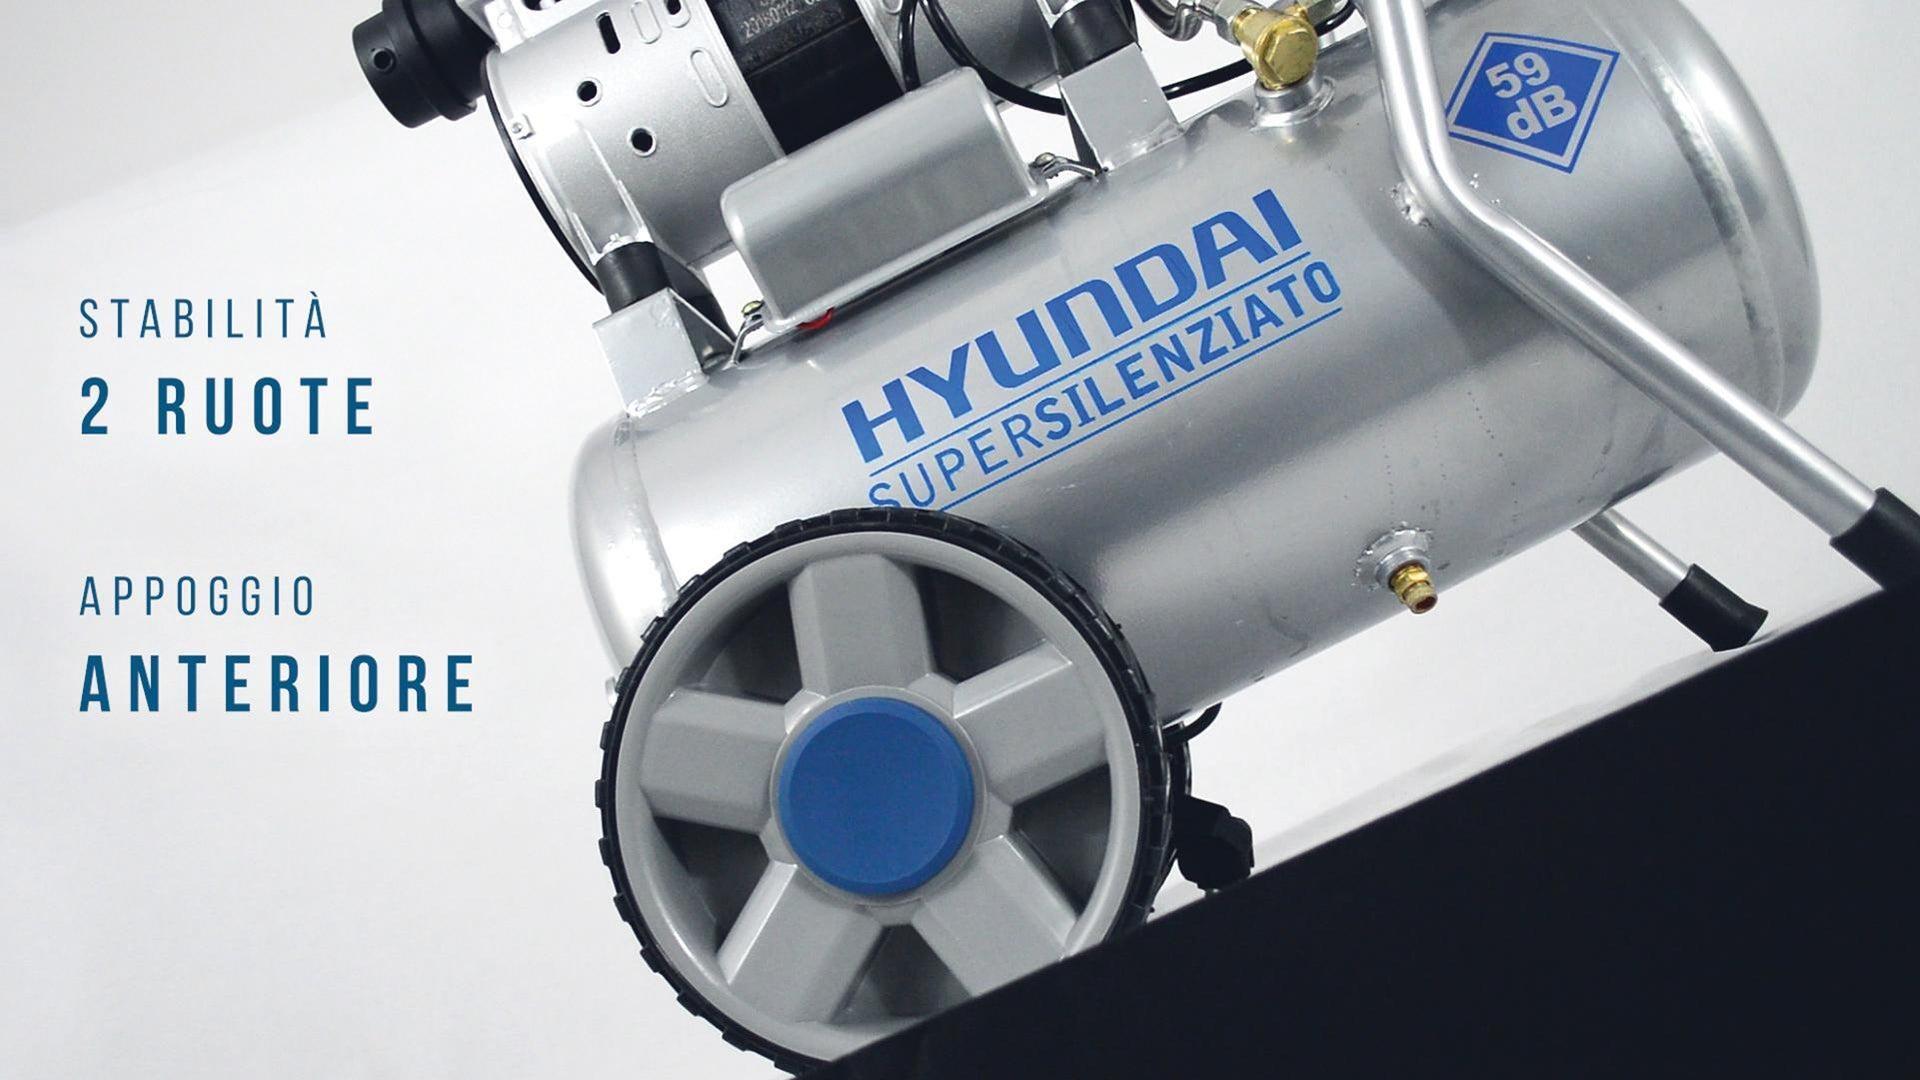 Compressore silenziato HYUNDAI Supersilent, 1 hp, 8 bar, 24 L - 2